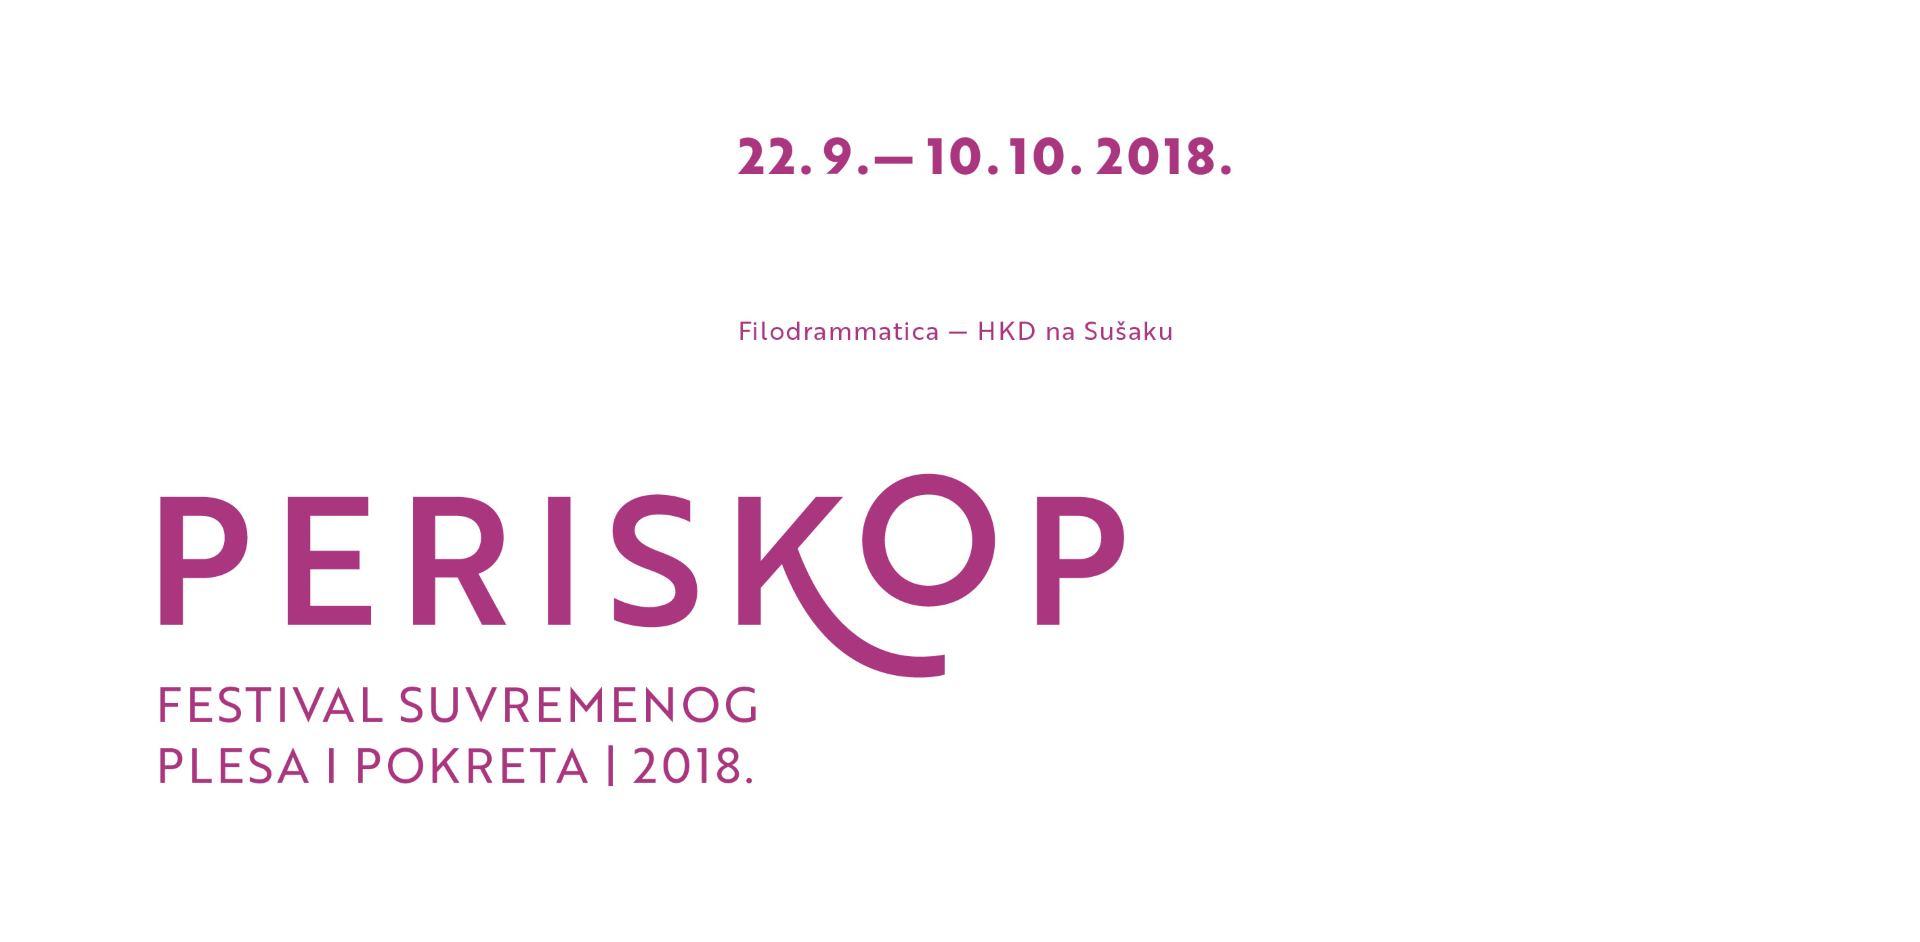 Festival suvremenog plesa 'Periskop' poziva mlade autore na prijavu koreografskih djela